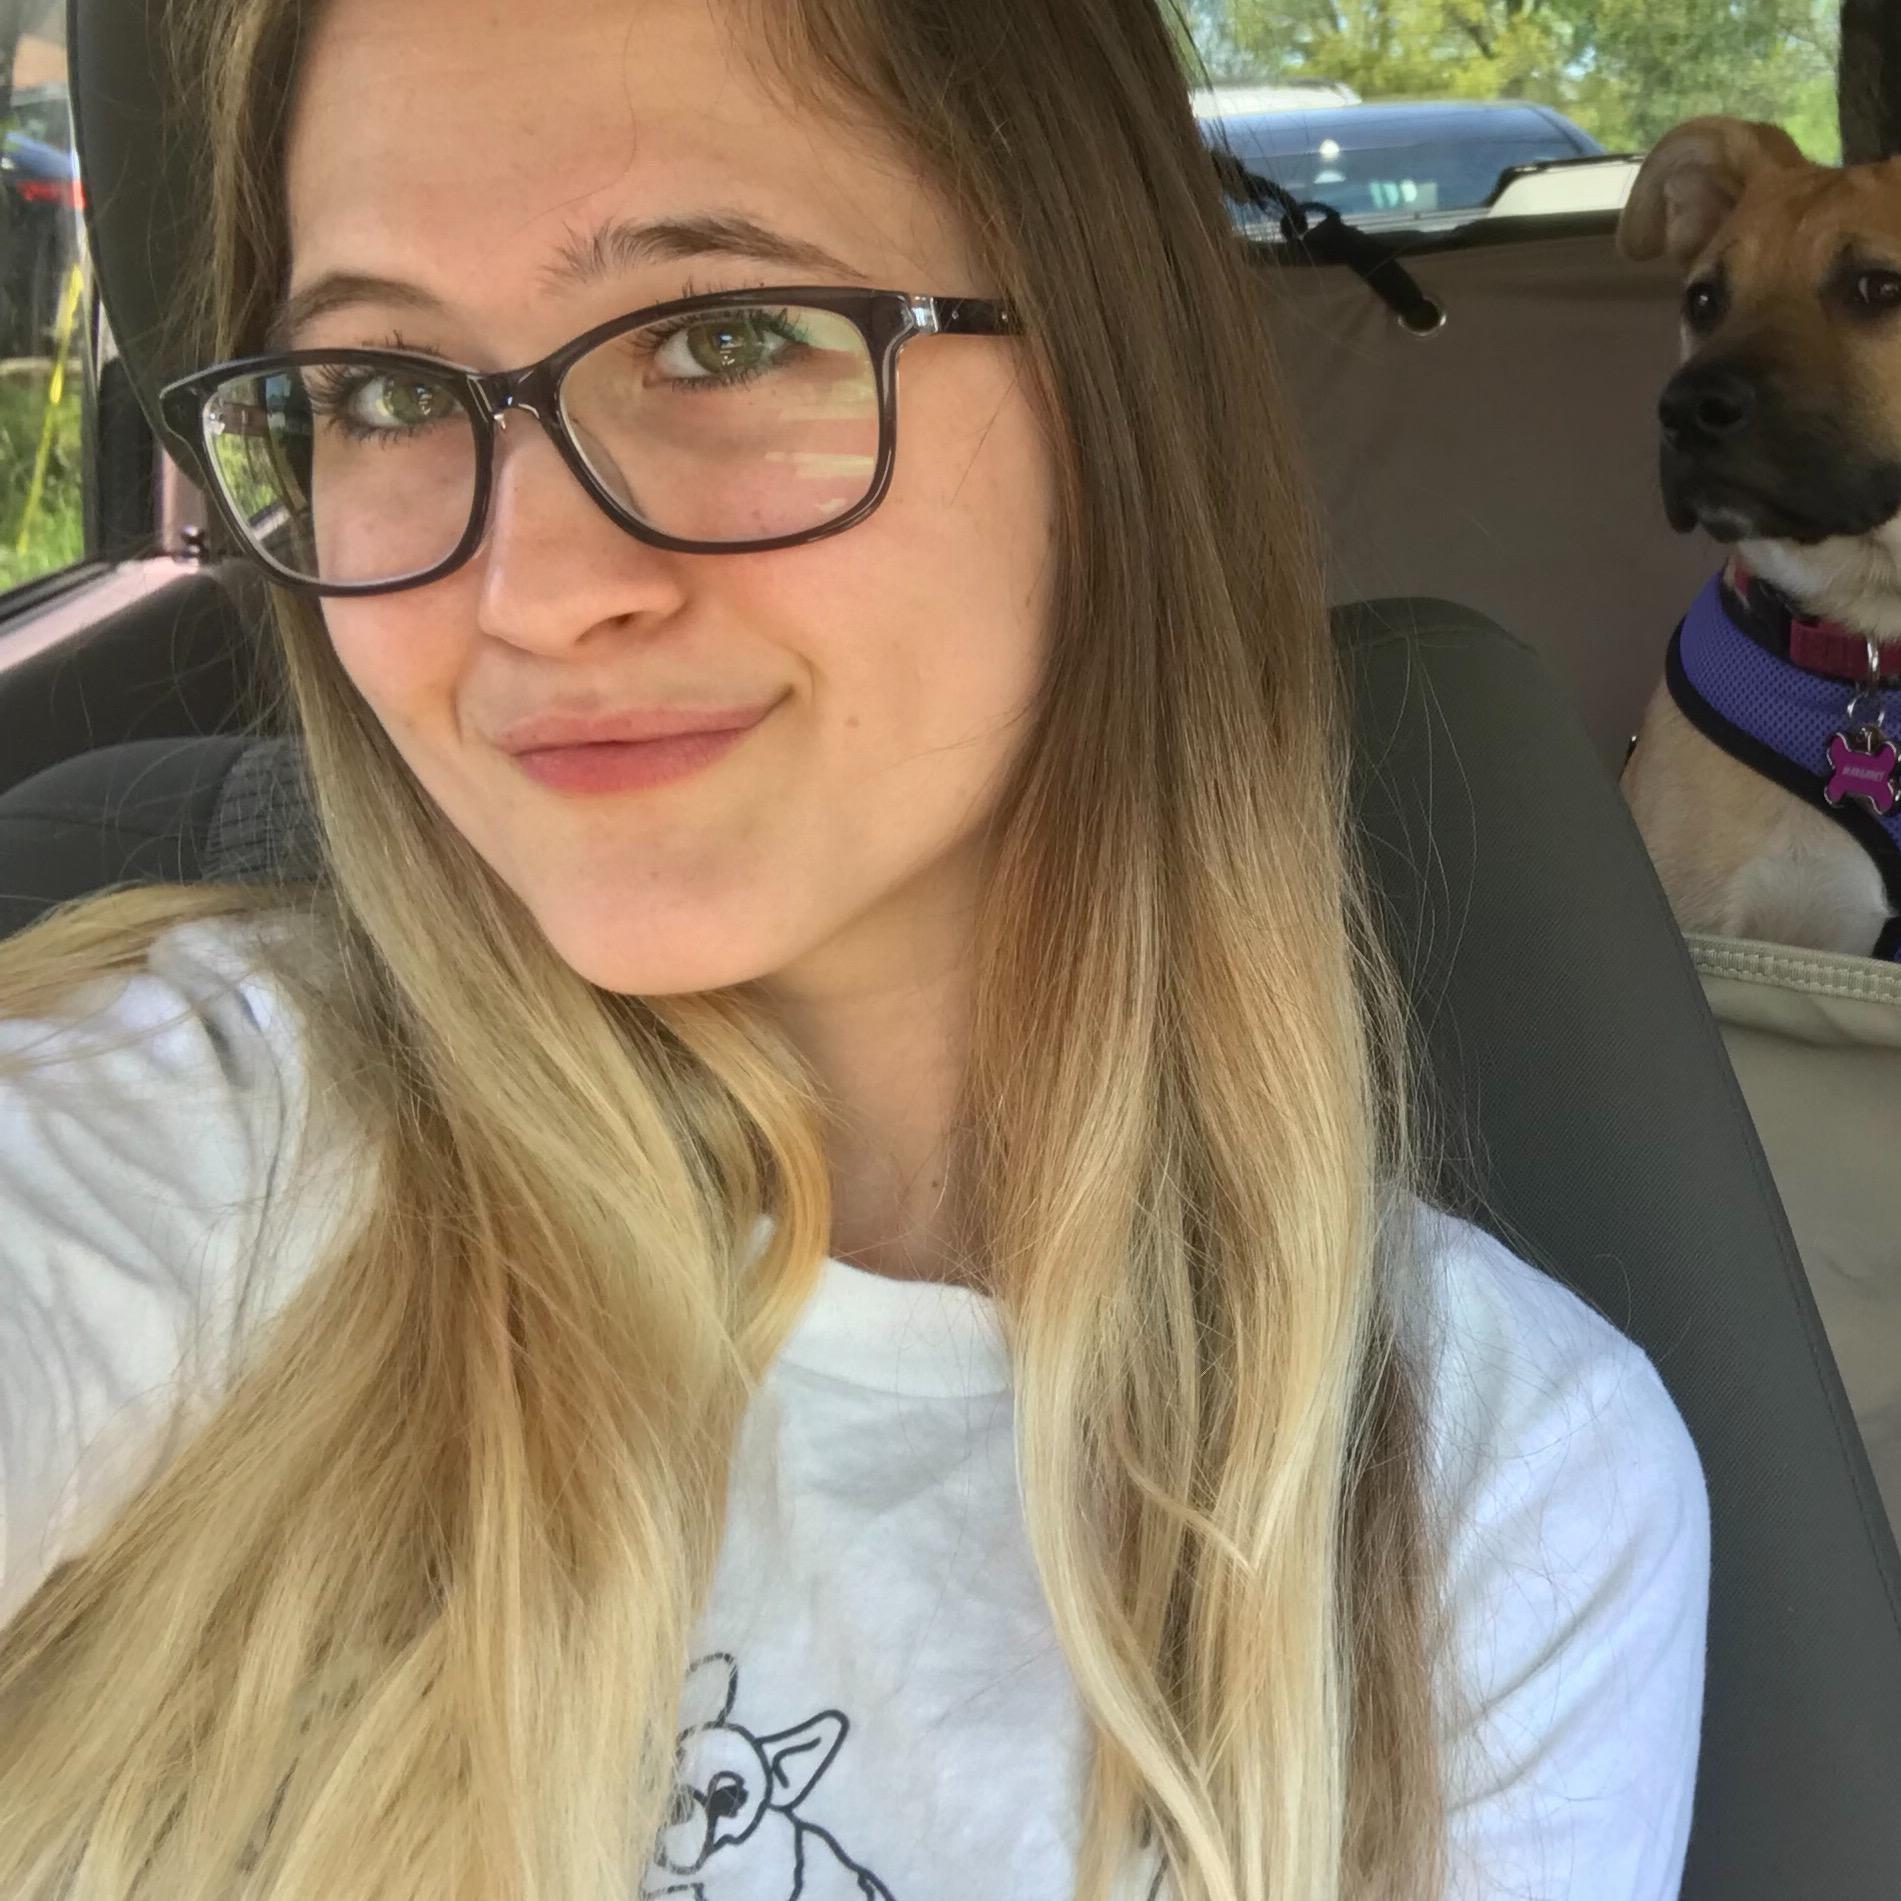 Chynna's dog day care